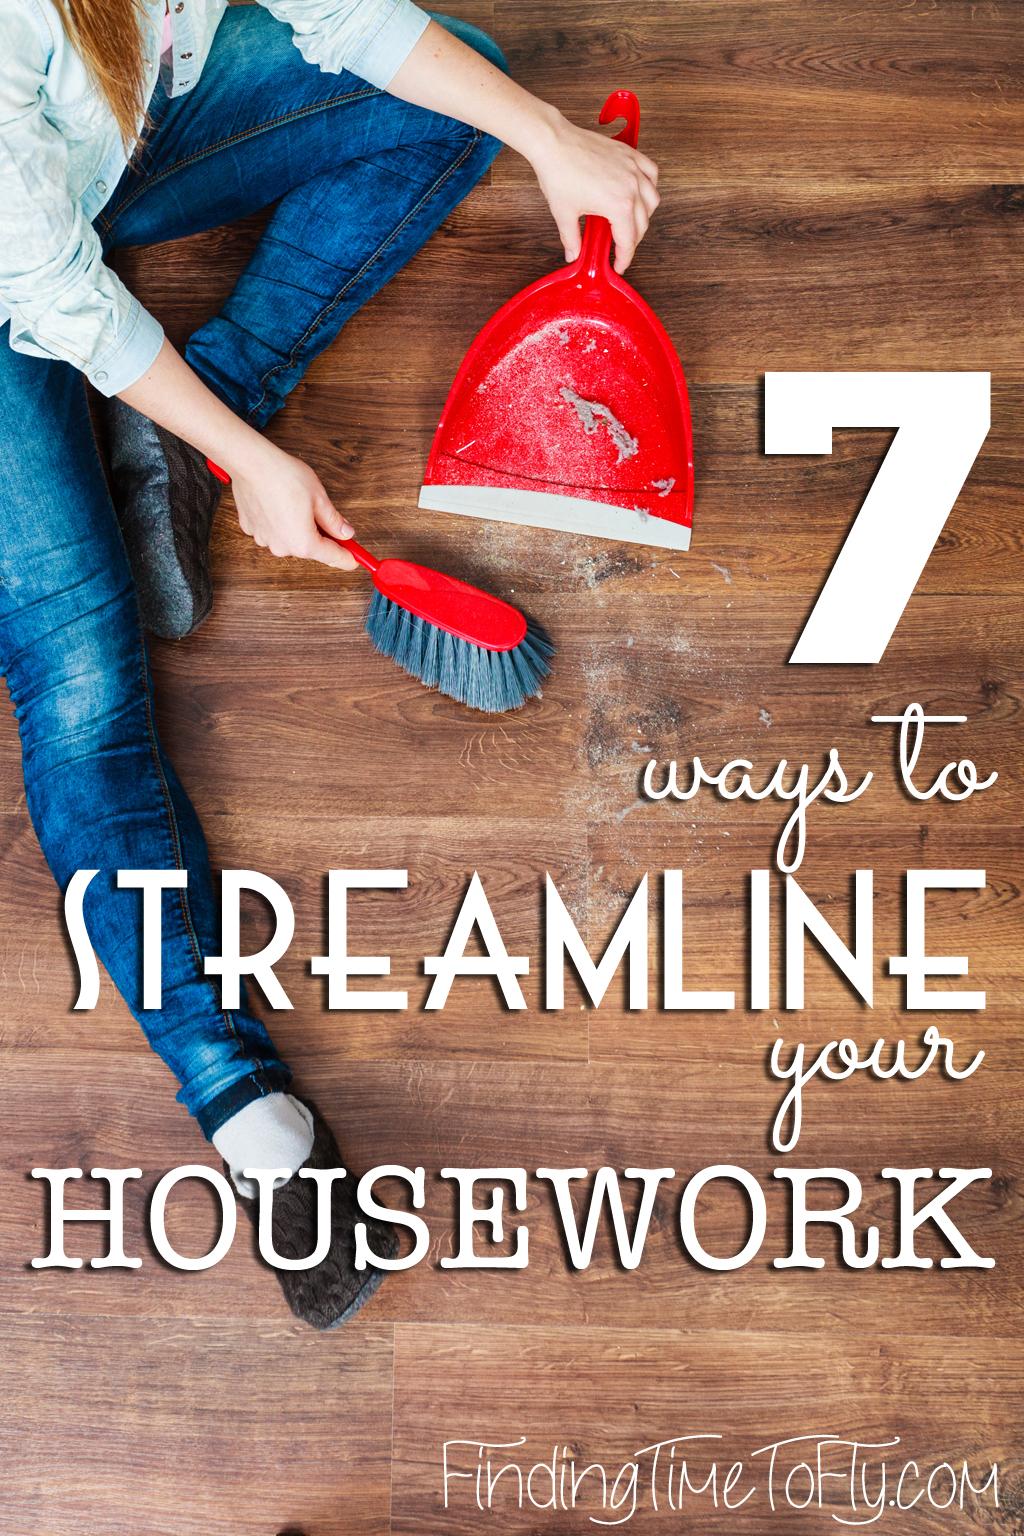 7 ways to streamline your housework